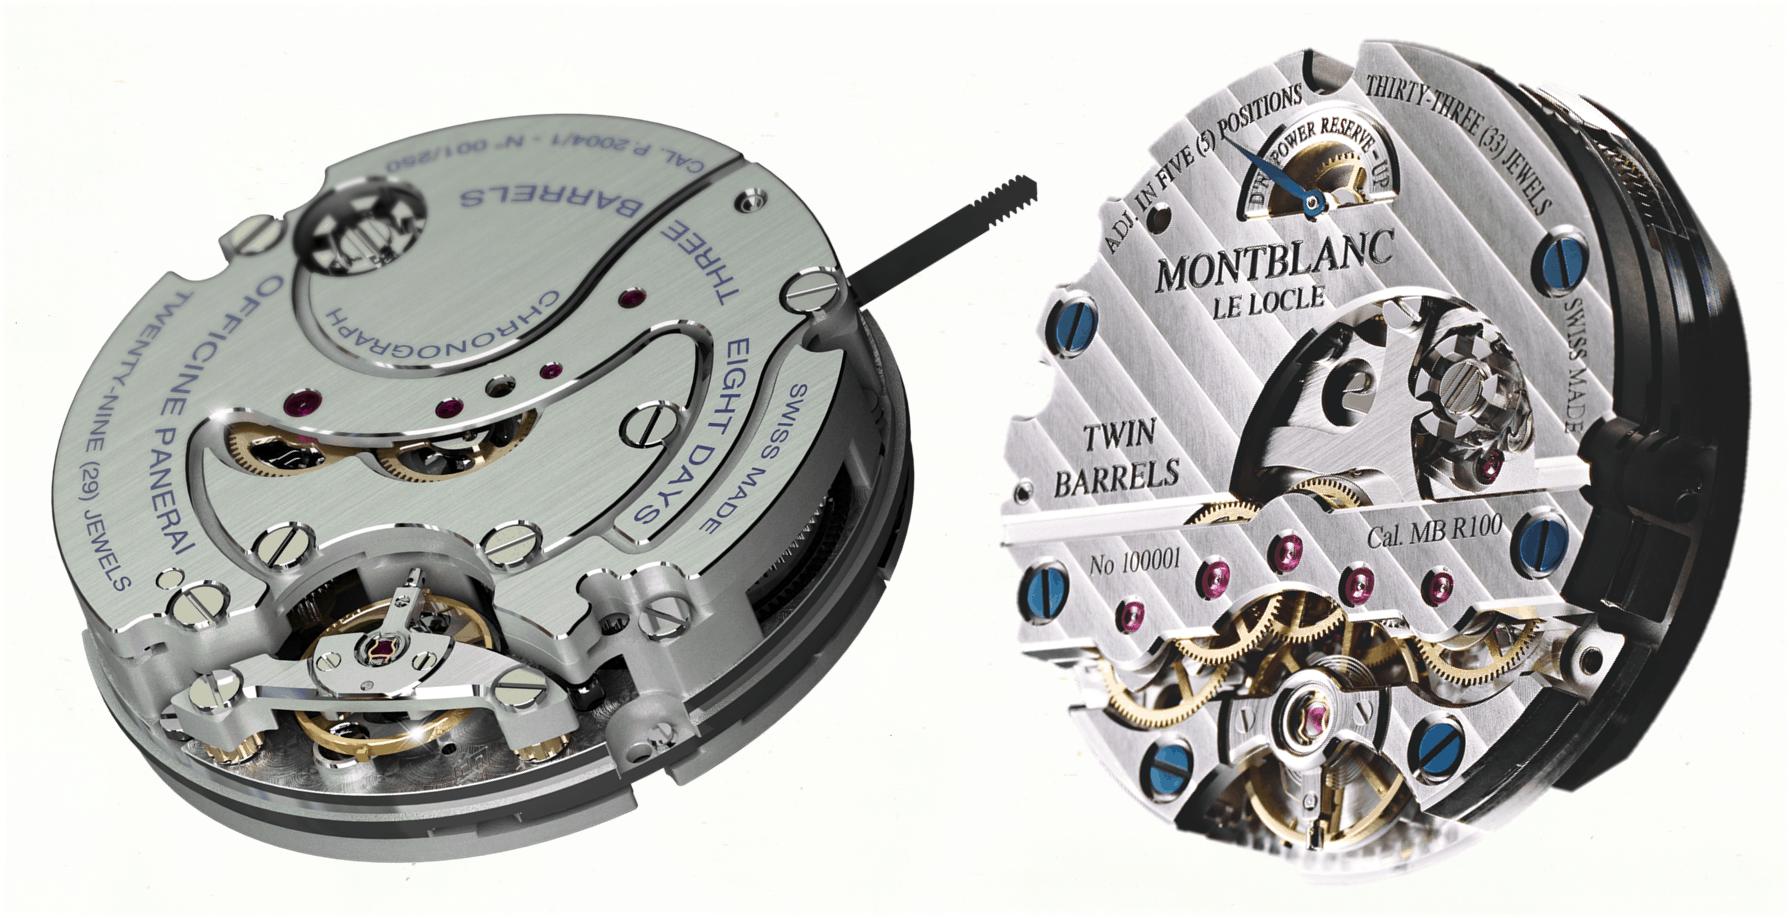 Panerai Handaufzugskaliber P.2004 und Montblanc MB R100